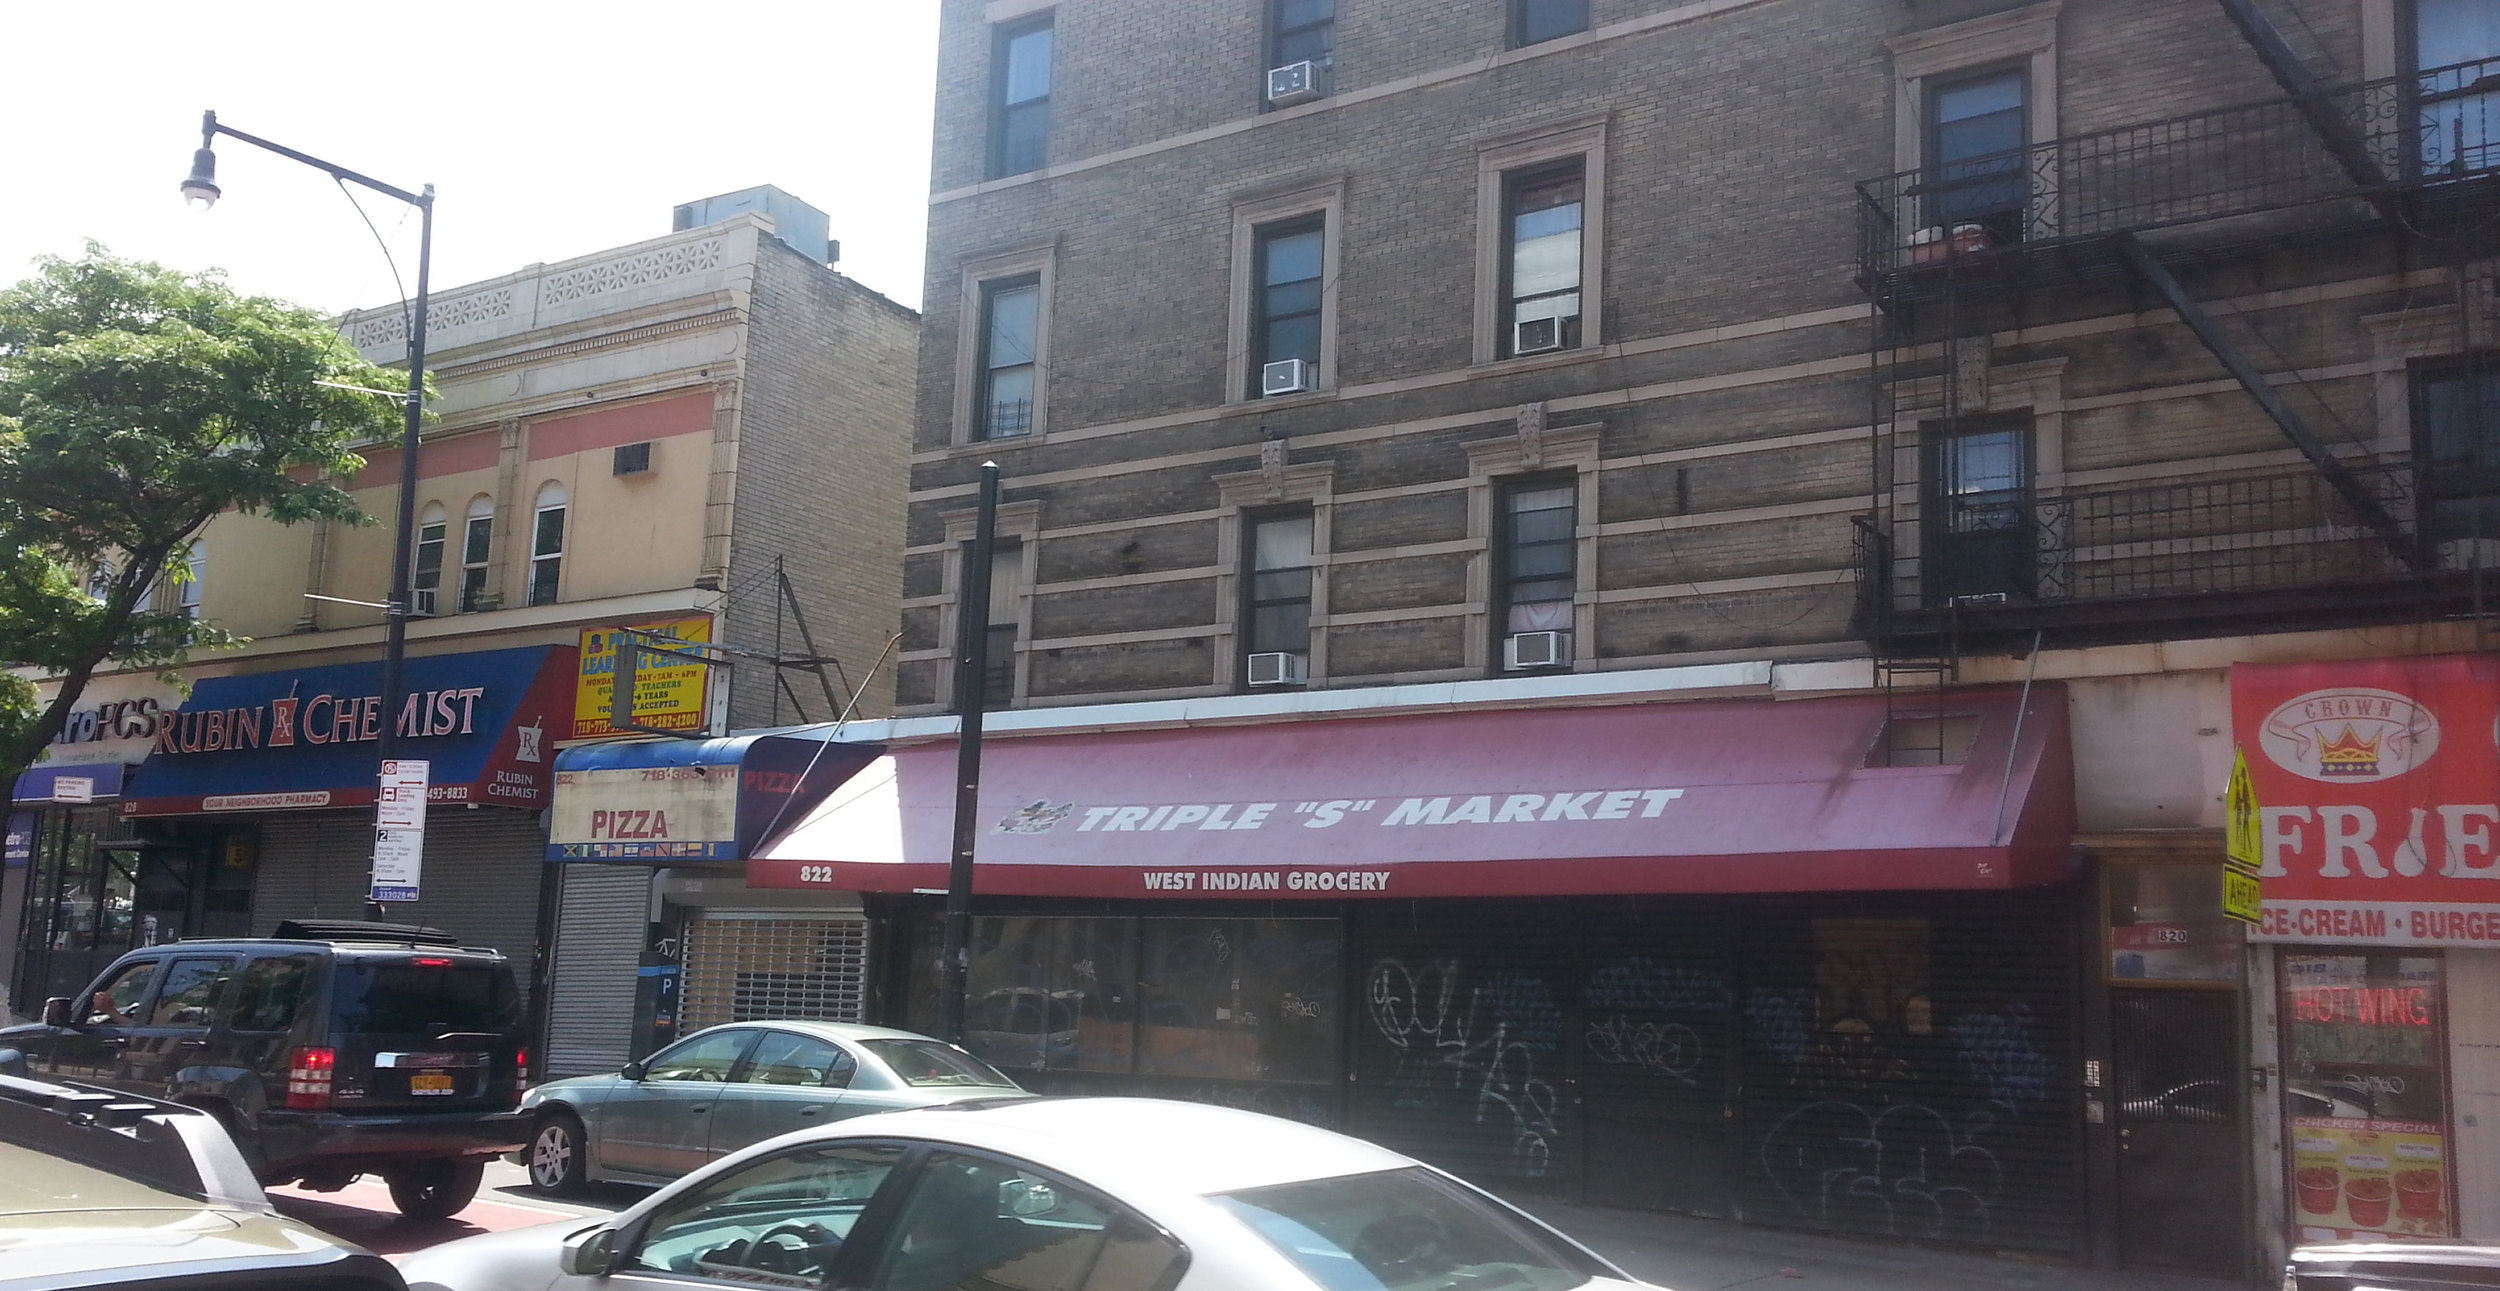 822 Nostrand Ave., Brooklyn, NY. Photo: Darryl Montgomery.